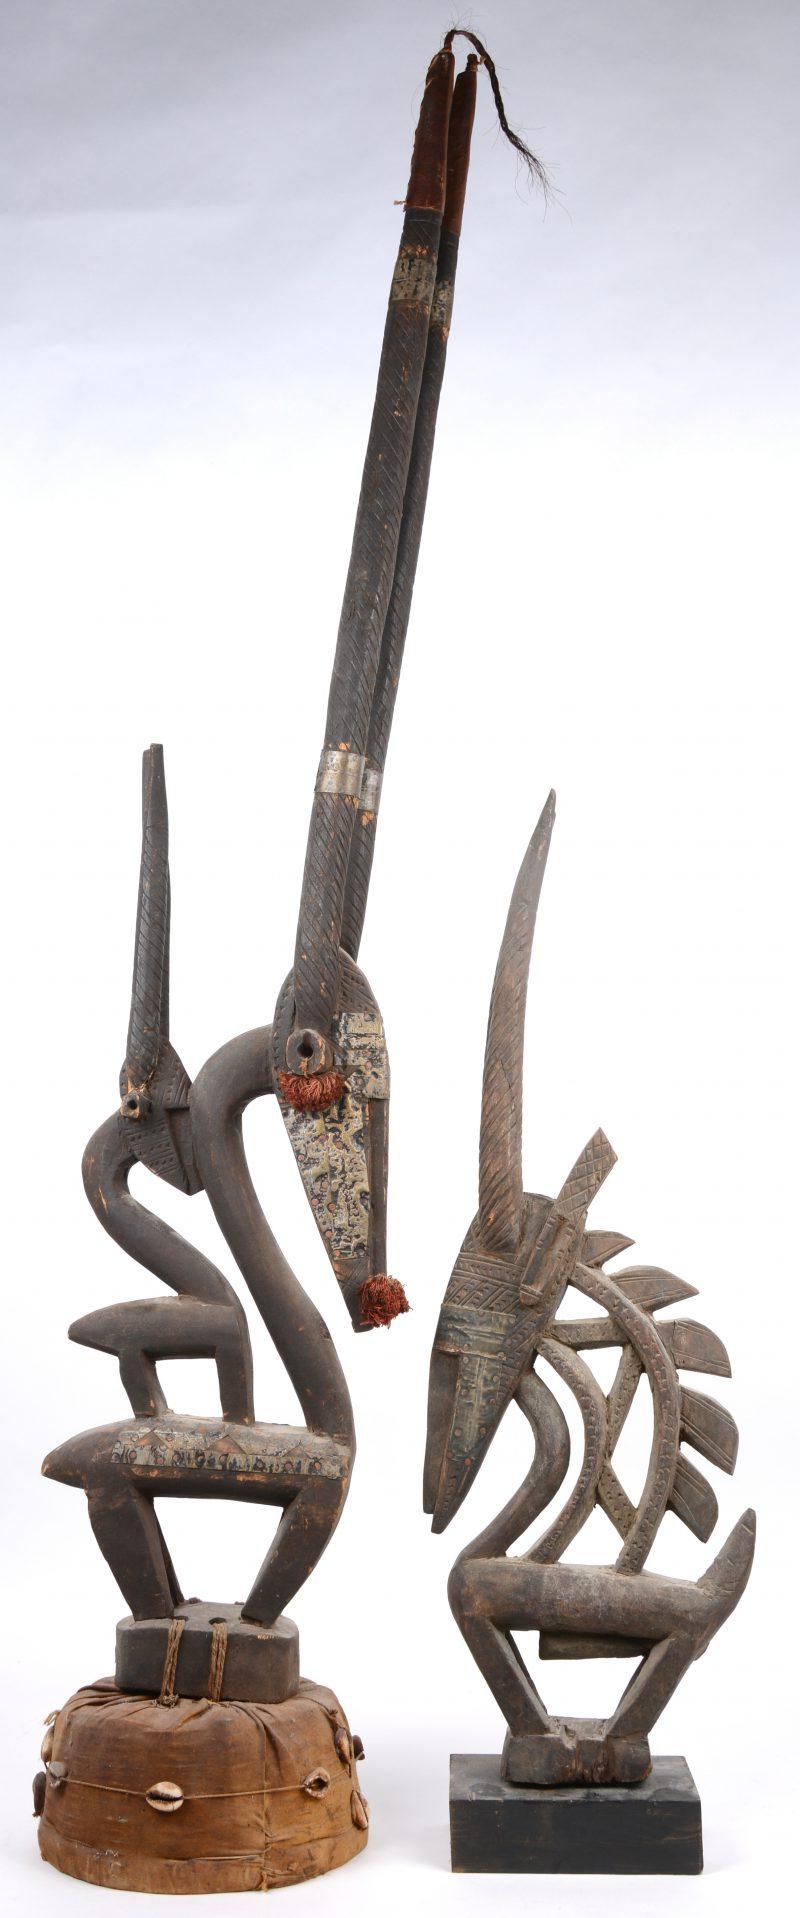 Twee ceremoniële Afrikaanse houten beelden in de vorm van een dier. Hoorns van de grootste hersteld.